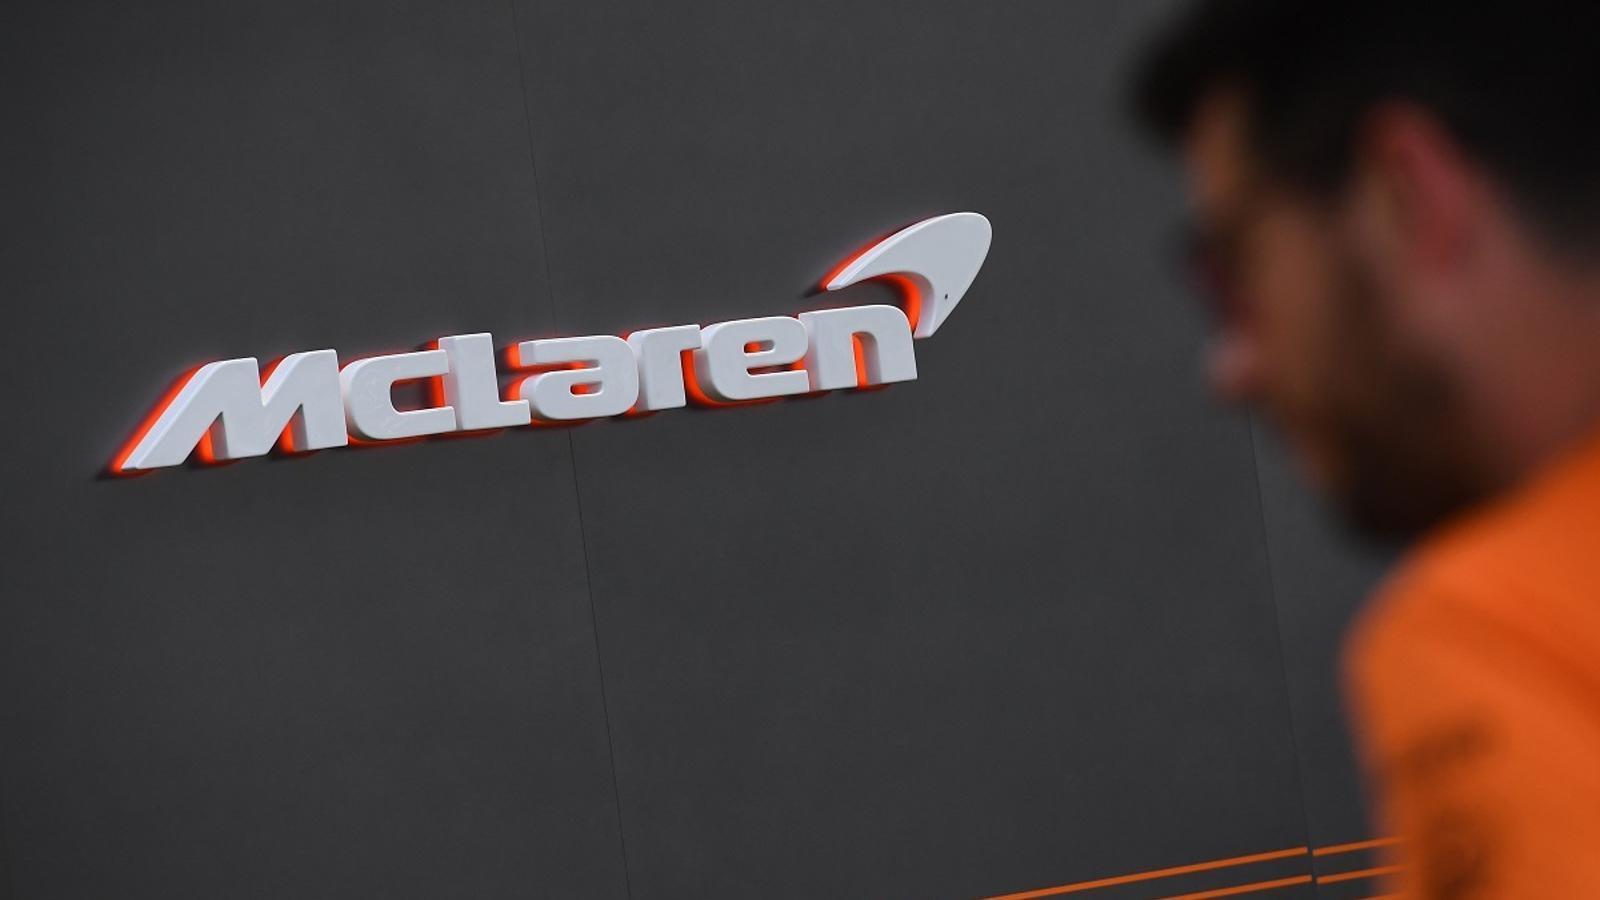 L'escuderia McLaren, amb un cas de coronavirus, anuncia que no participarà en el GP d'Austràlia de F1